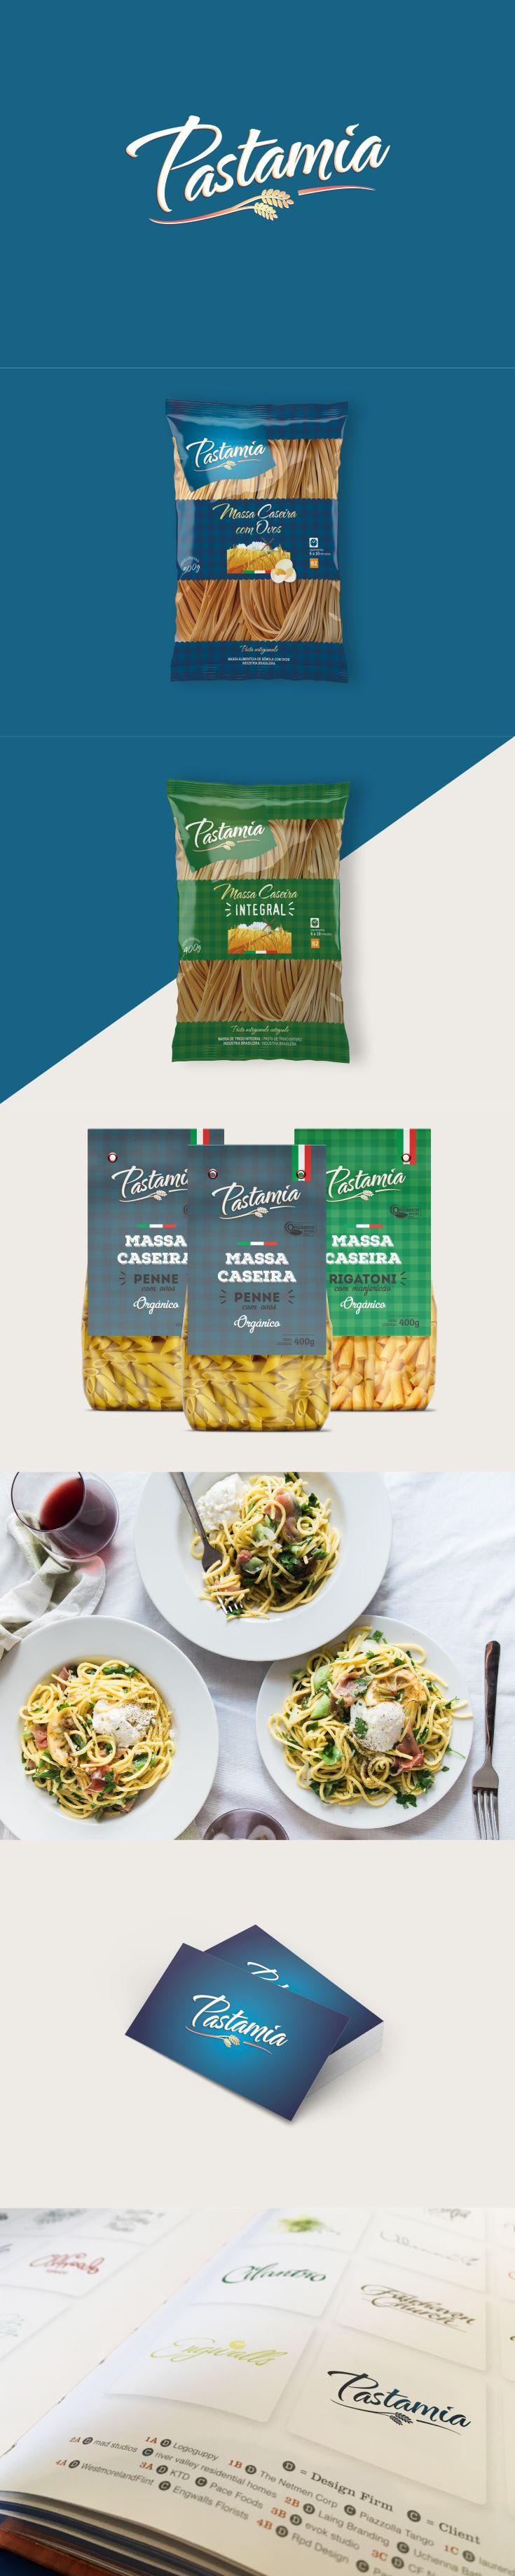 Criação de naming, logotipo e identidade visual para massas caseiras Pastamia